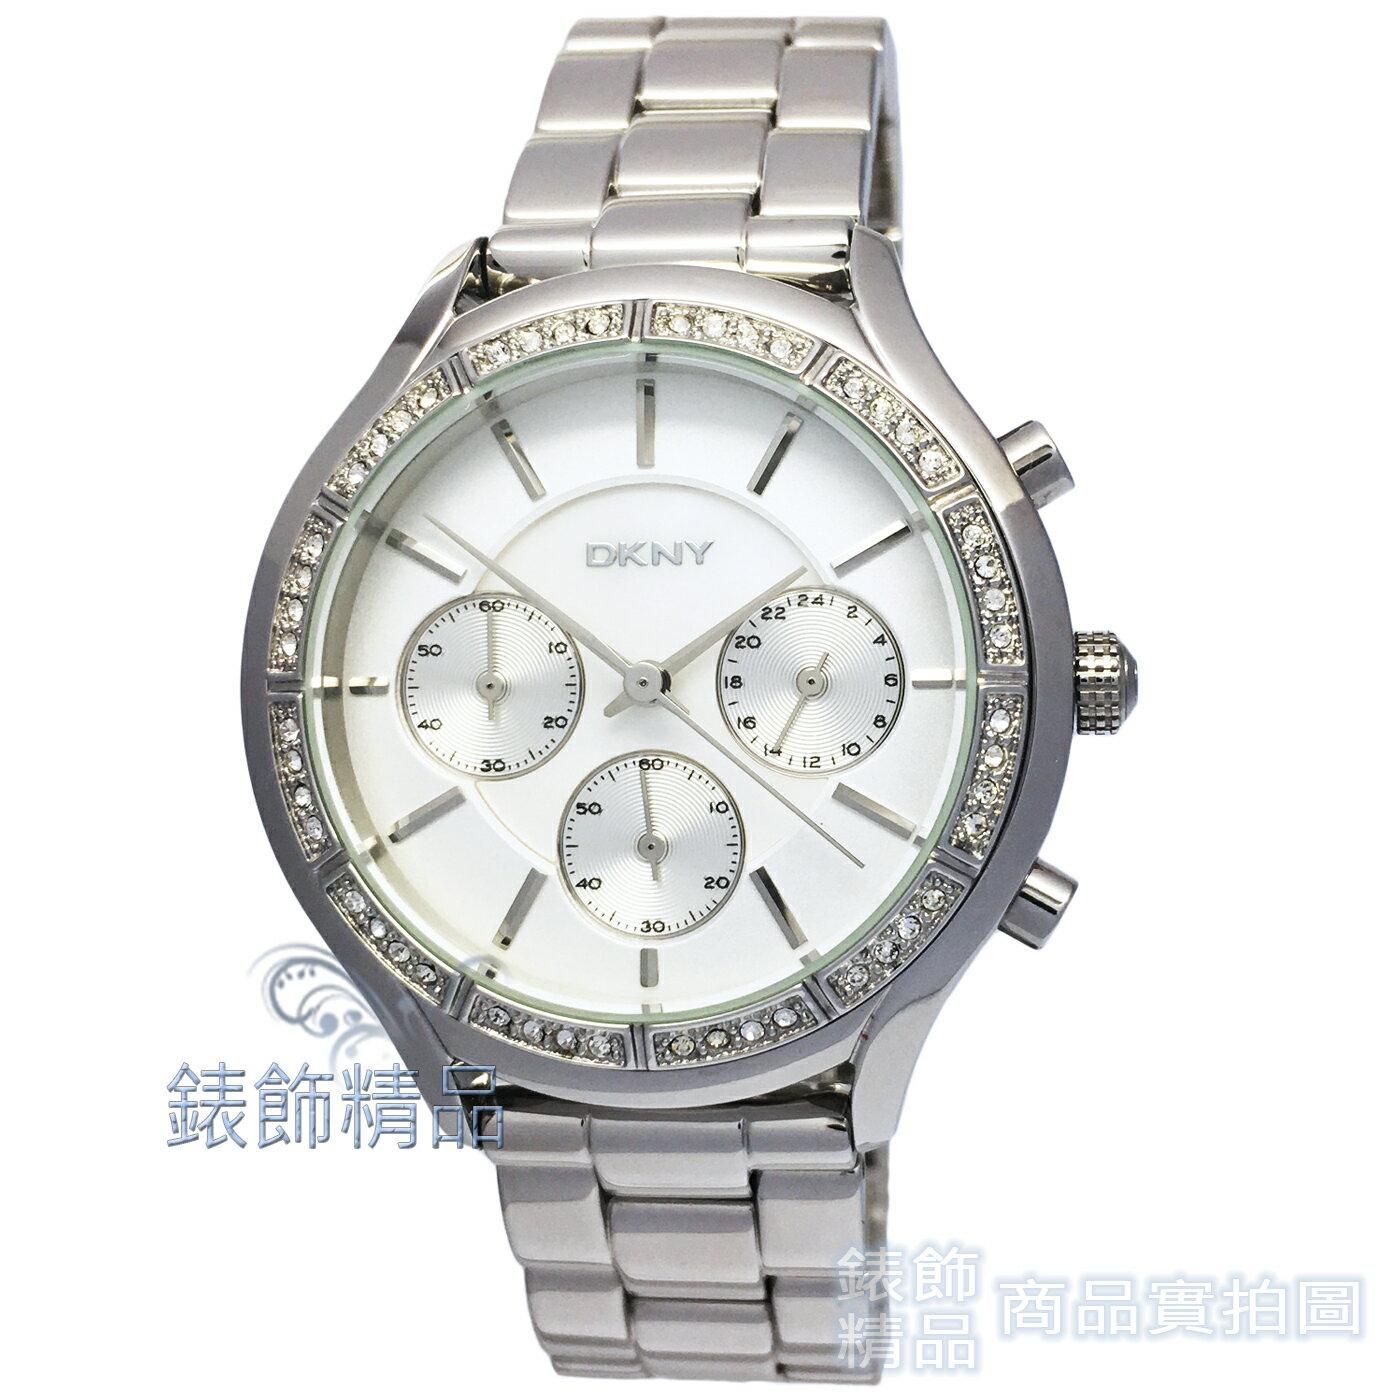 【錶飾精品】DKNY手錶/DKNY錶 NY8251 都會時尚 珍珠貝面 三眼晶鑽女錶 全新原廠正品